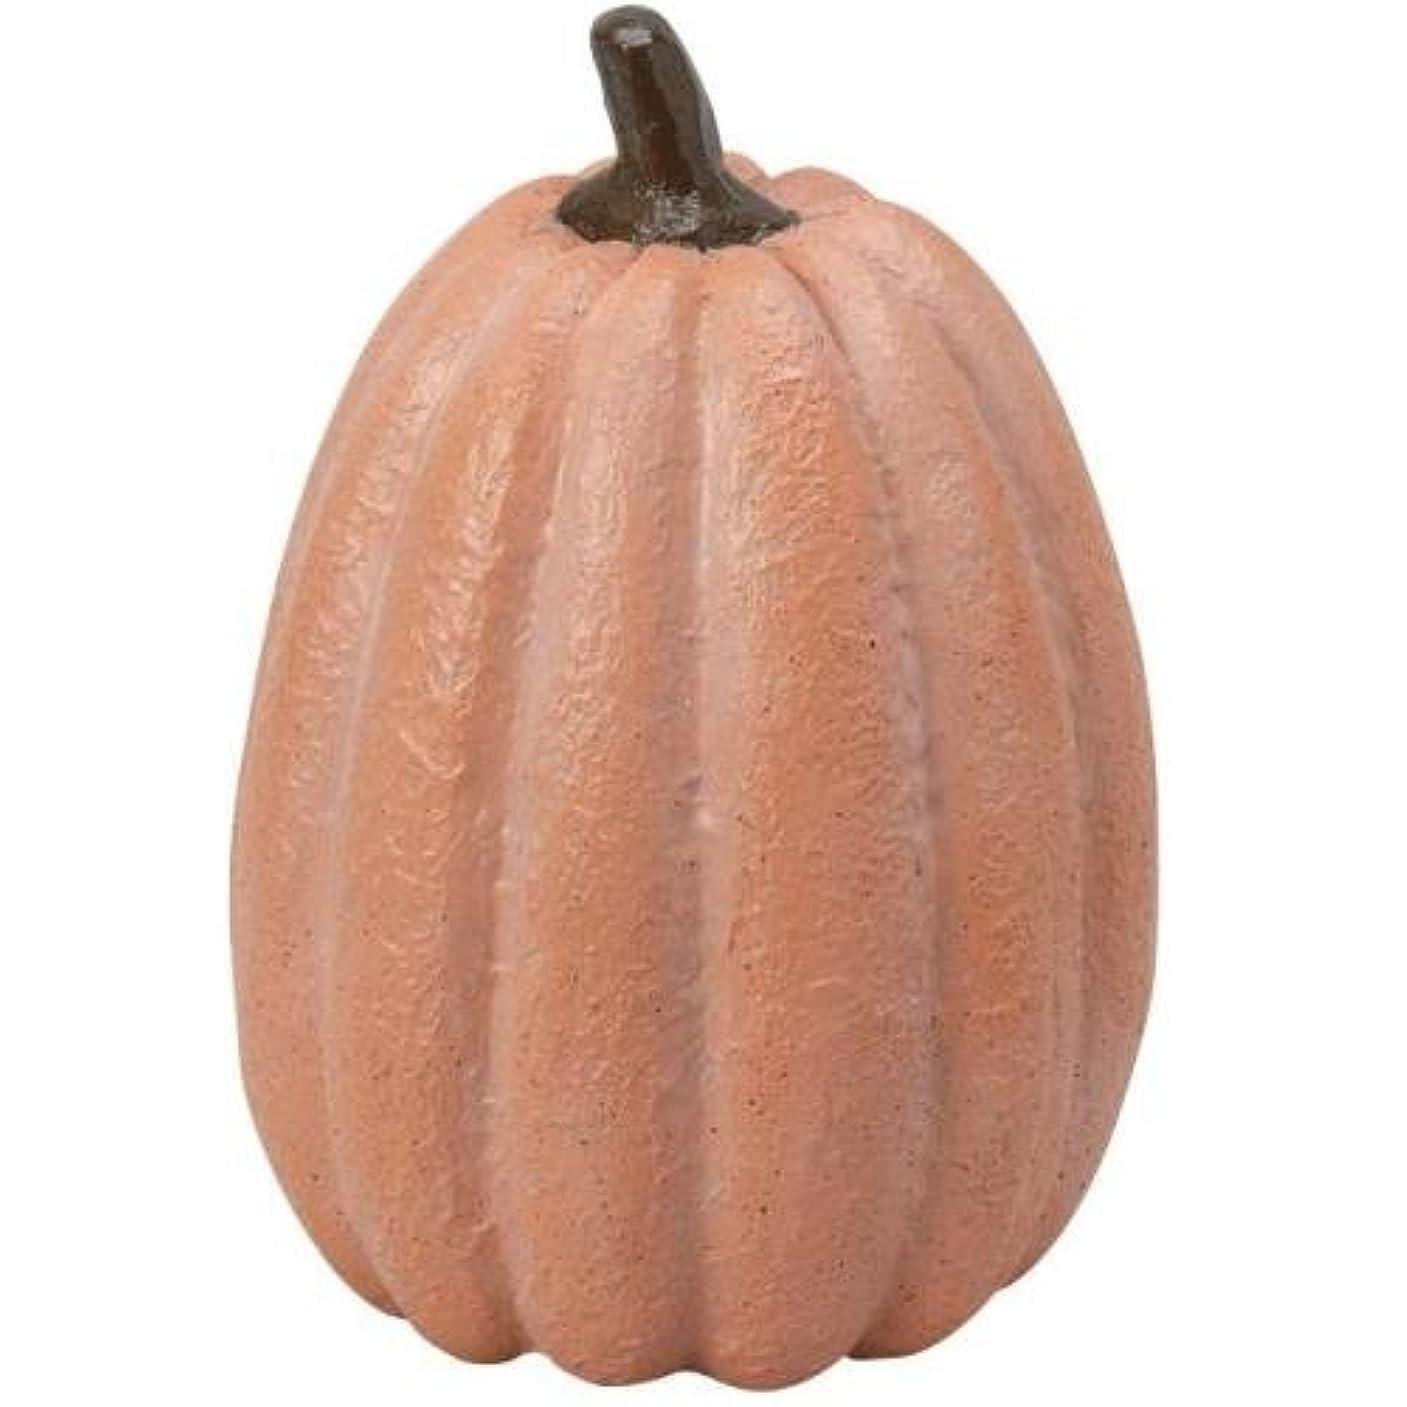 大事にする居心地の良いバージンワックス パンプキンB オレンジ